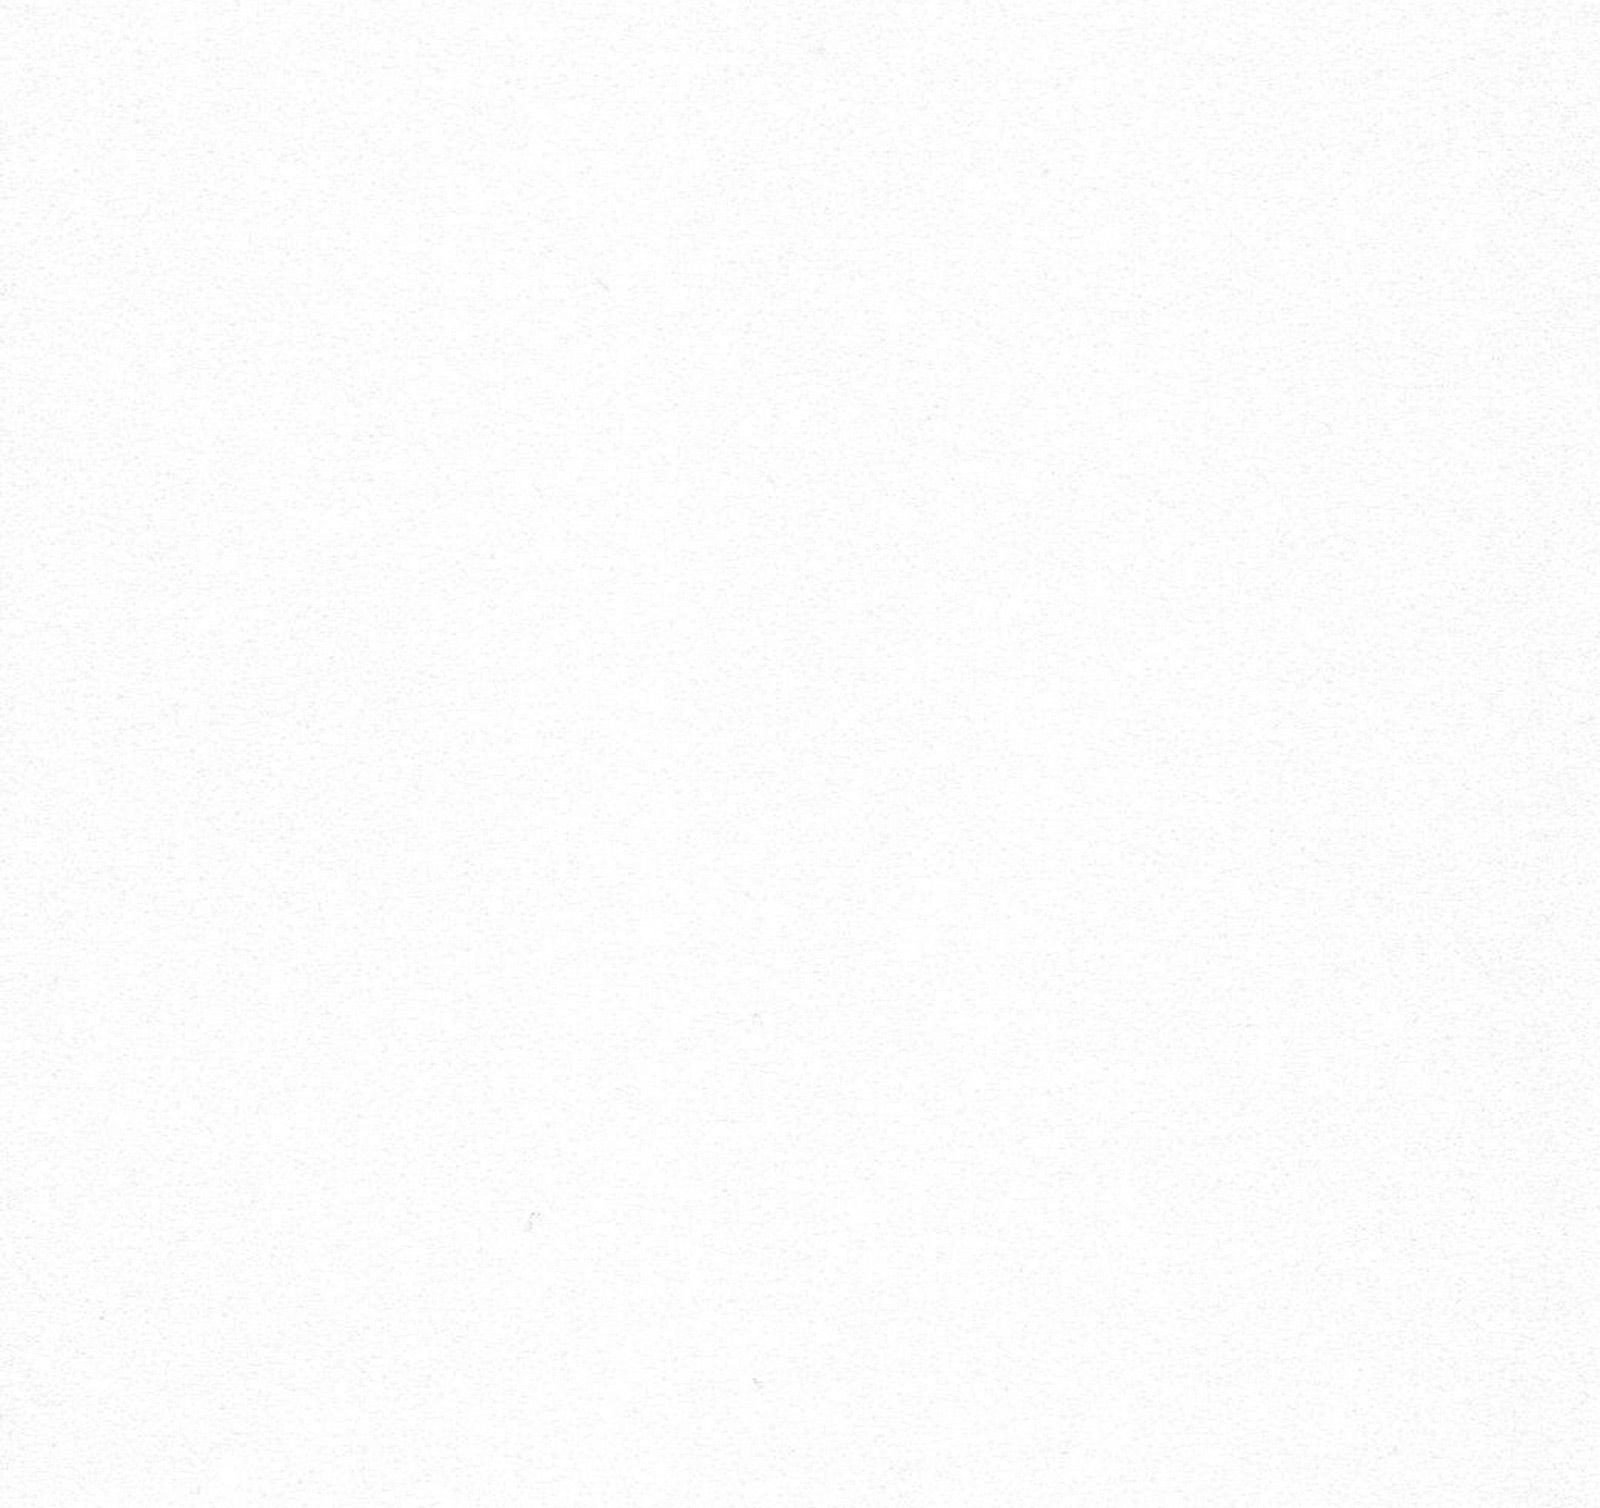 Royale Blanc From The Hanstone Quartz Designer Series